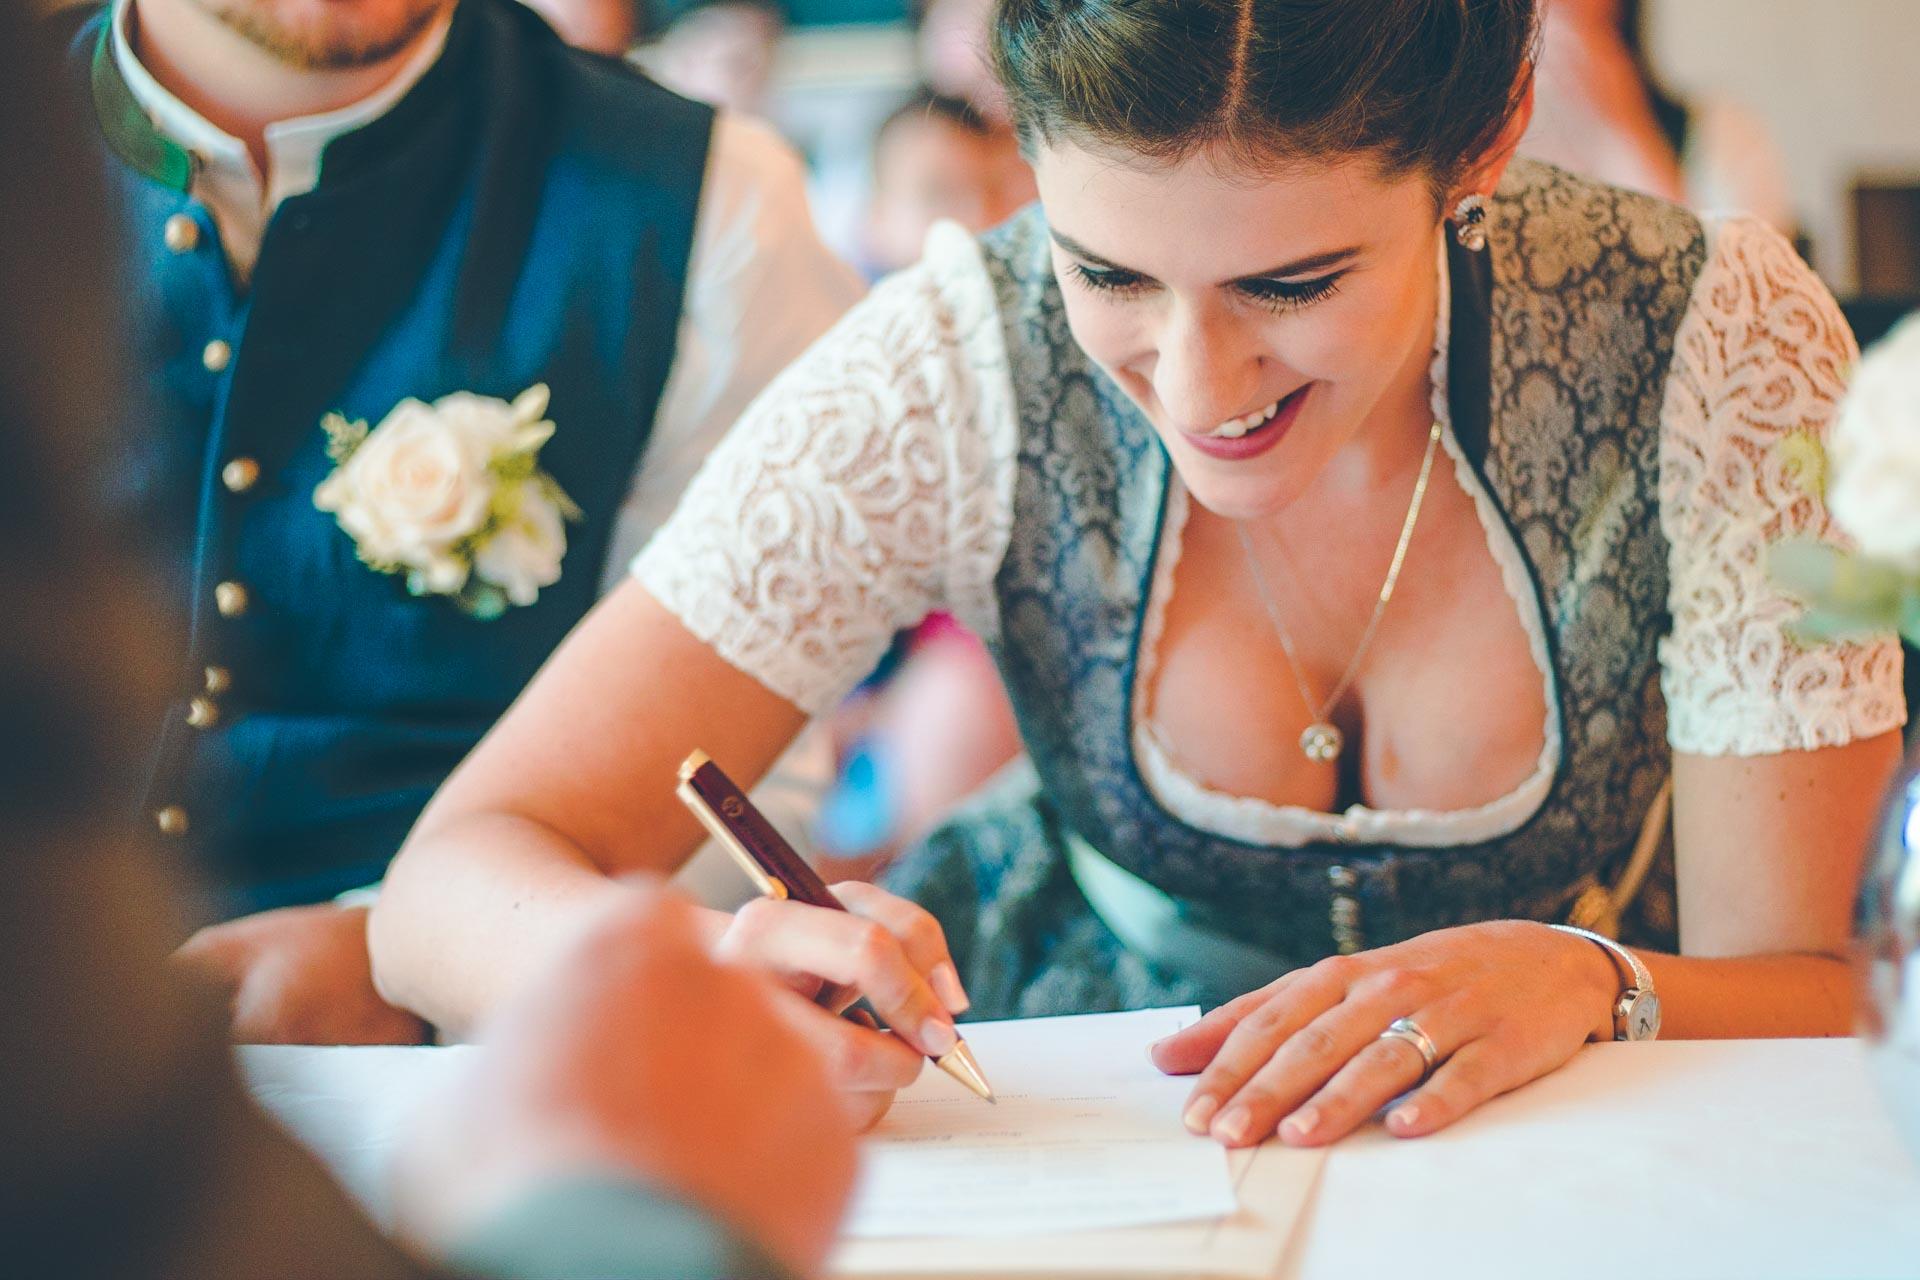 Die Braut unterschreibt im Standesamt